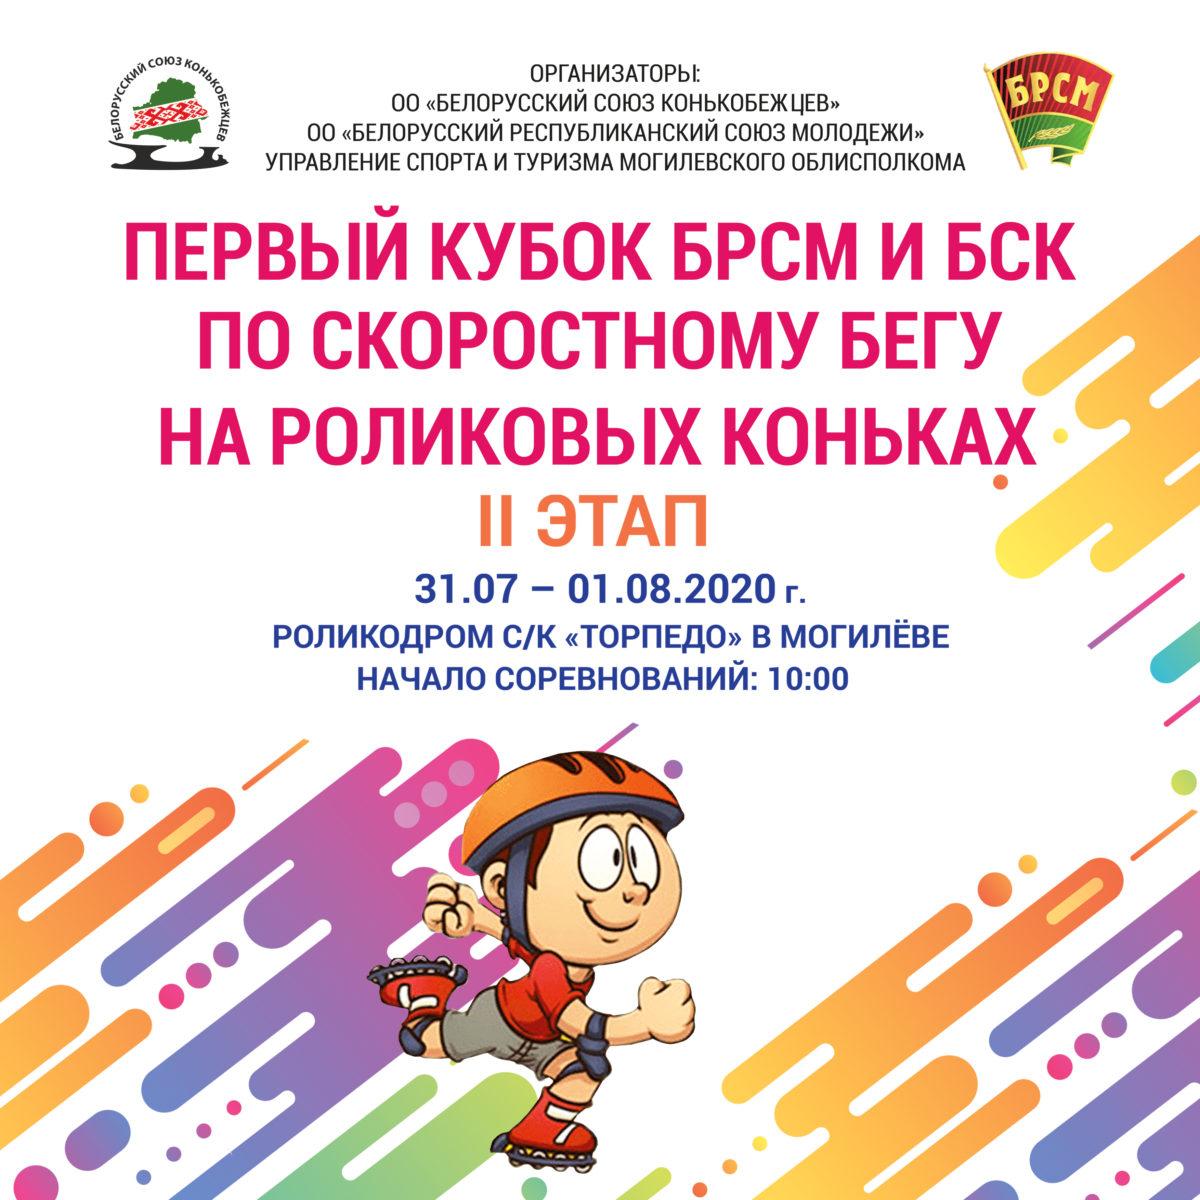 Первый кубок ОО «БРСМ» и ОО «БСК» по скоростному бегу на роликовых коньках (II этап)